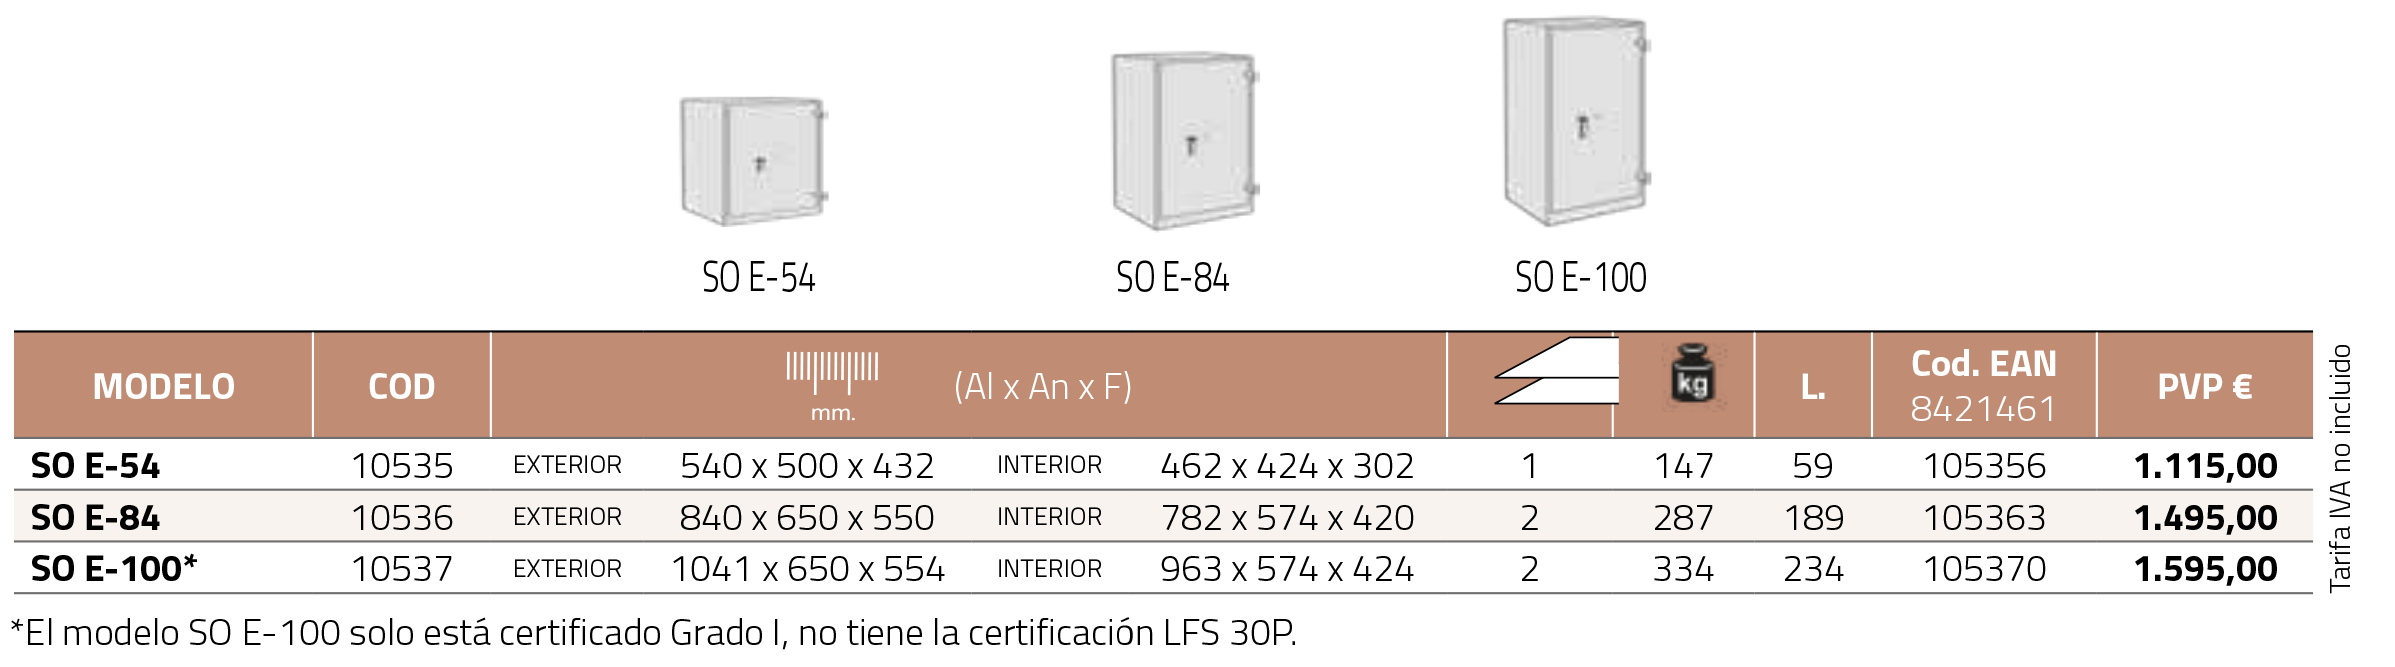 Características técnicas de las Cajas modelo Solid